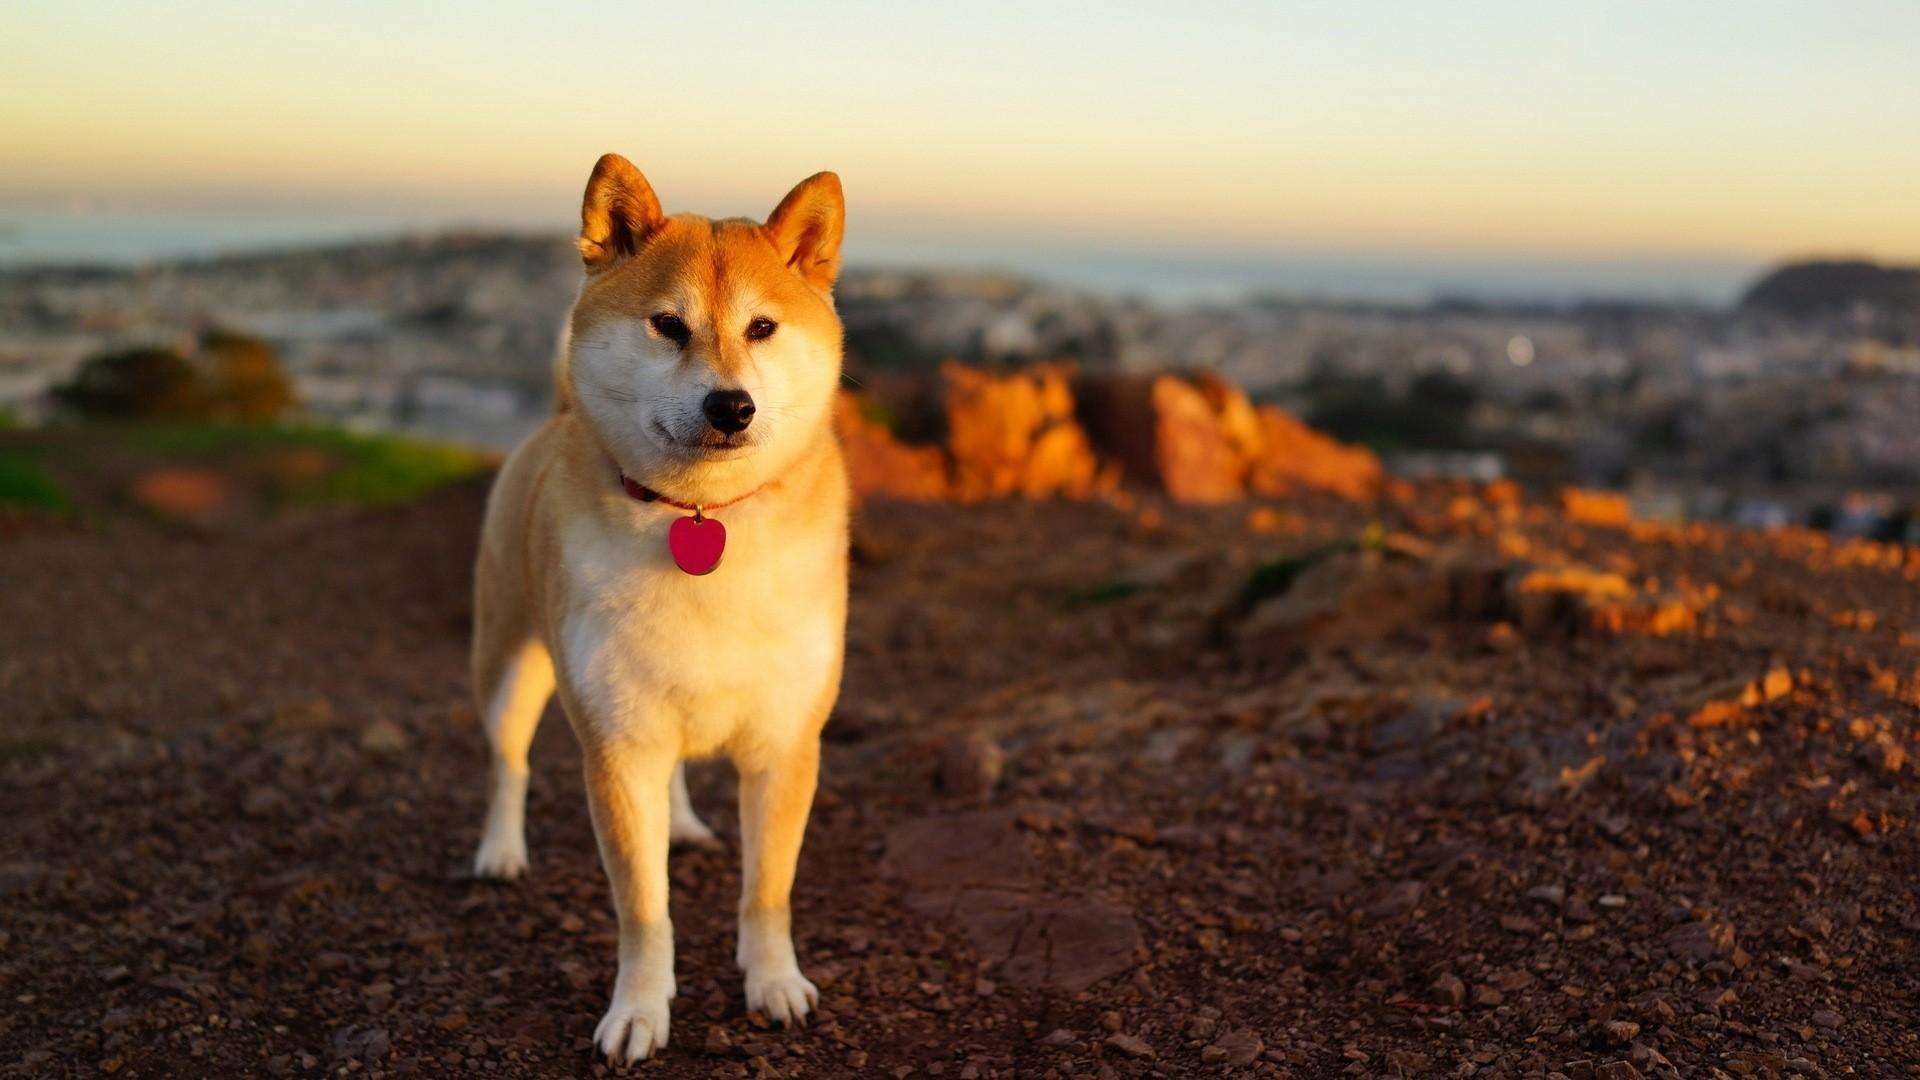 デスクトップ壁紙 柴犬 シーズン 脊椎動物 哺乳類のような犬 犬